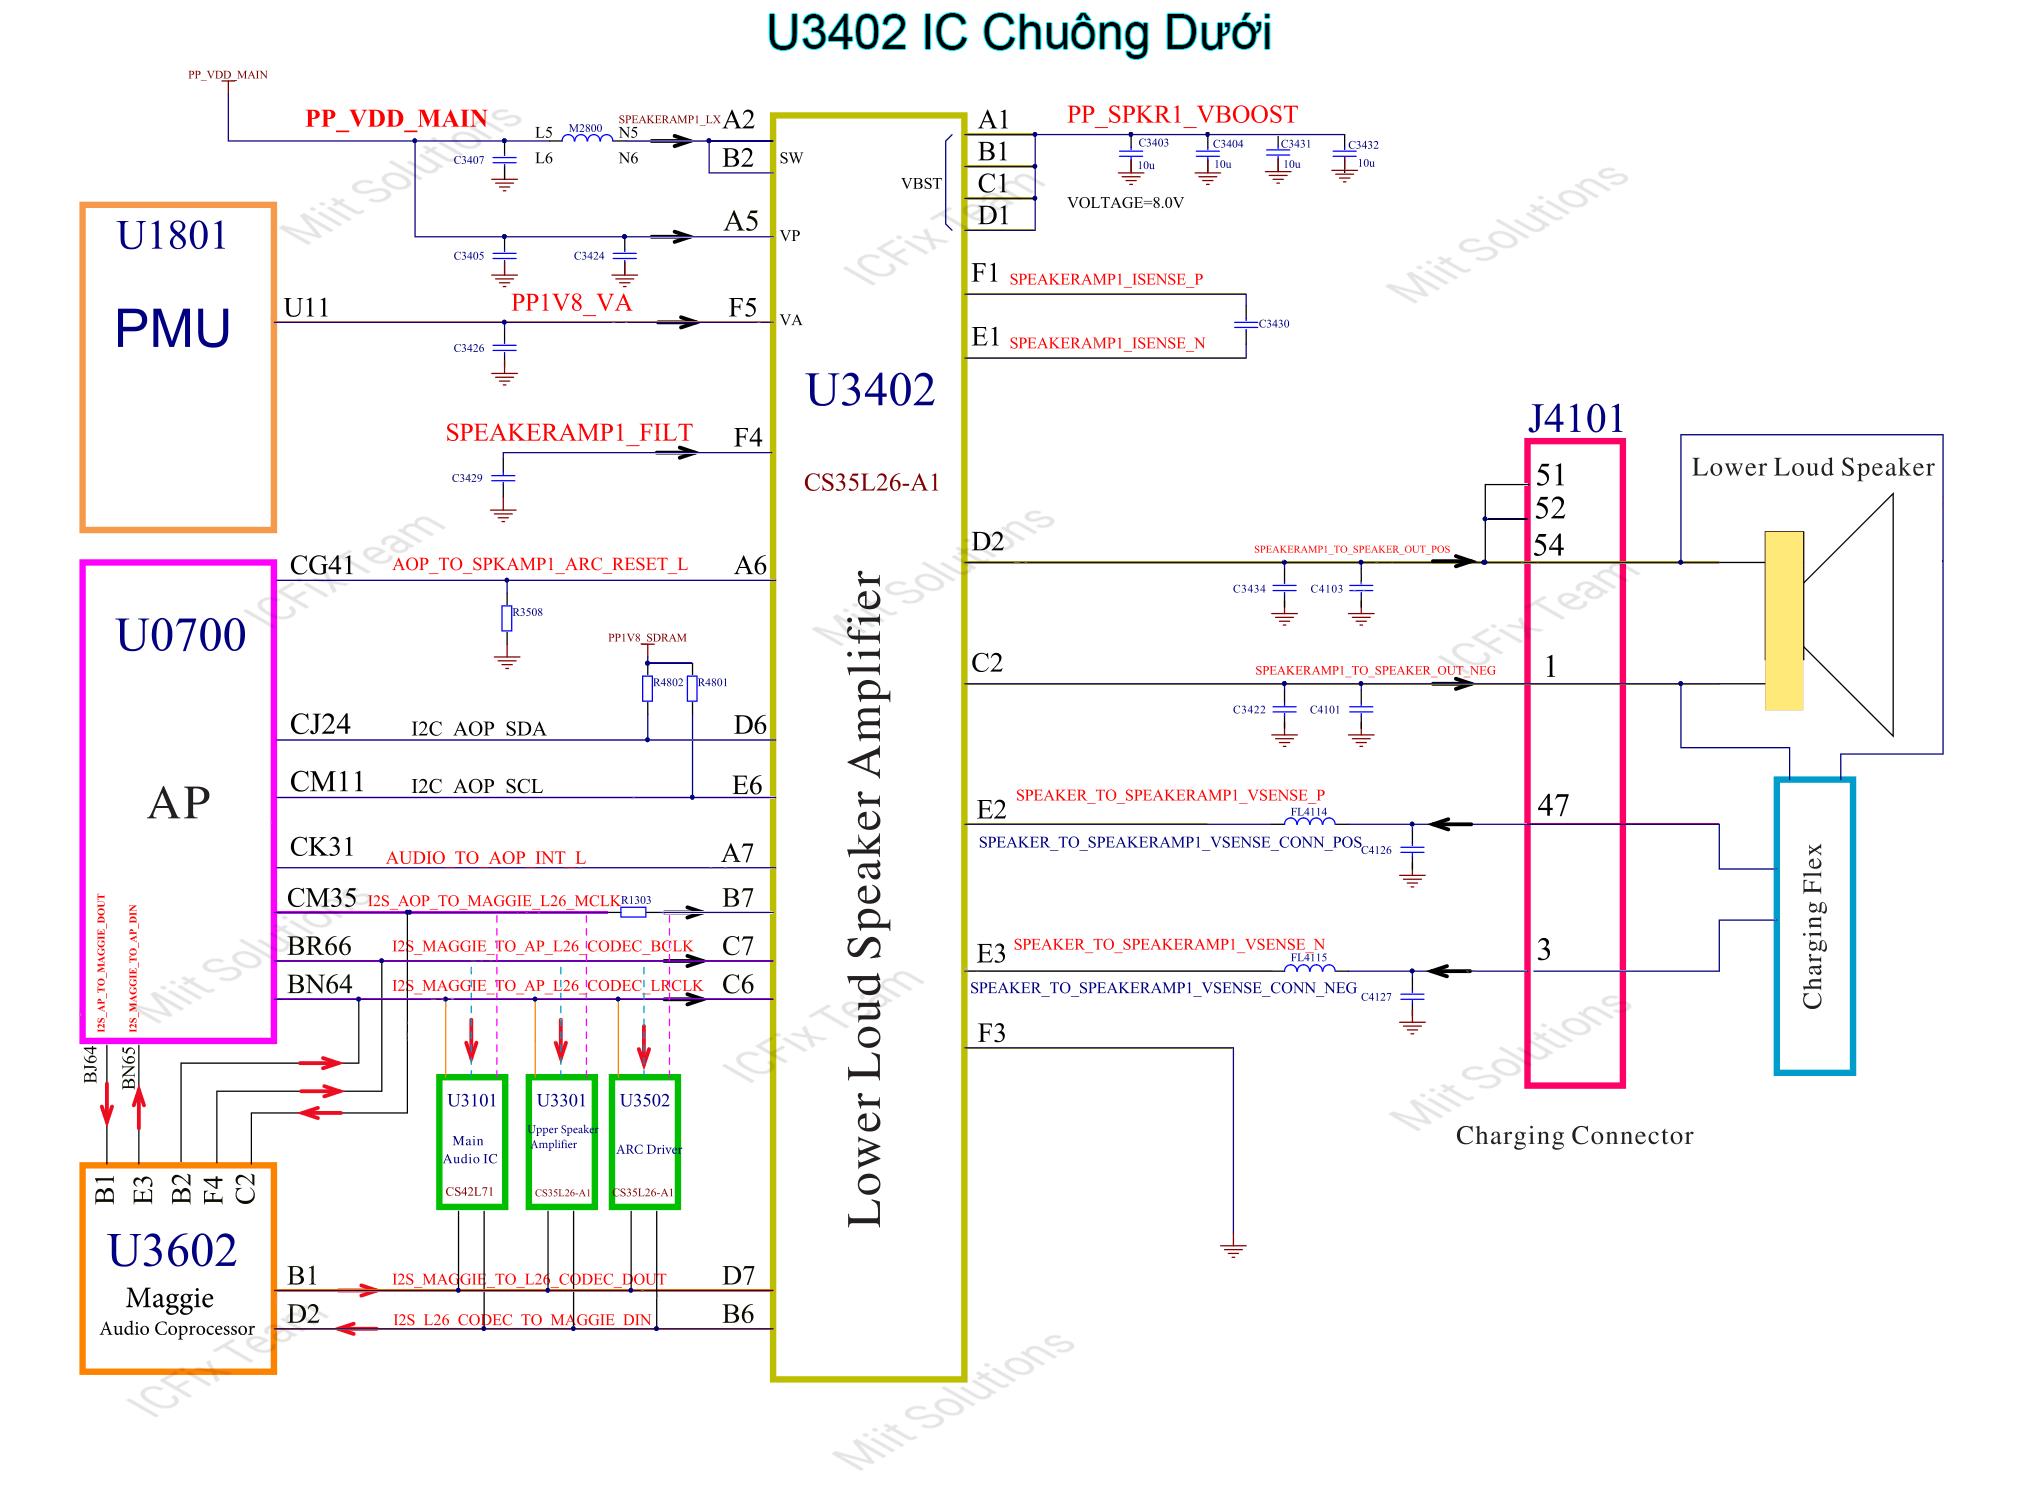 U3402 IC DAC quản lý chuông dưới iPhone 7